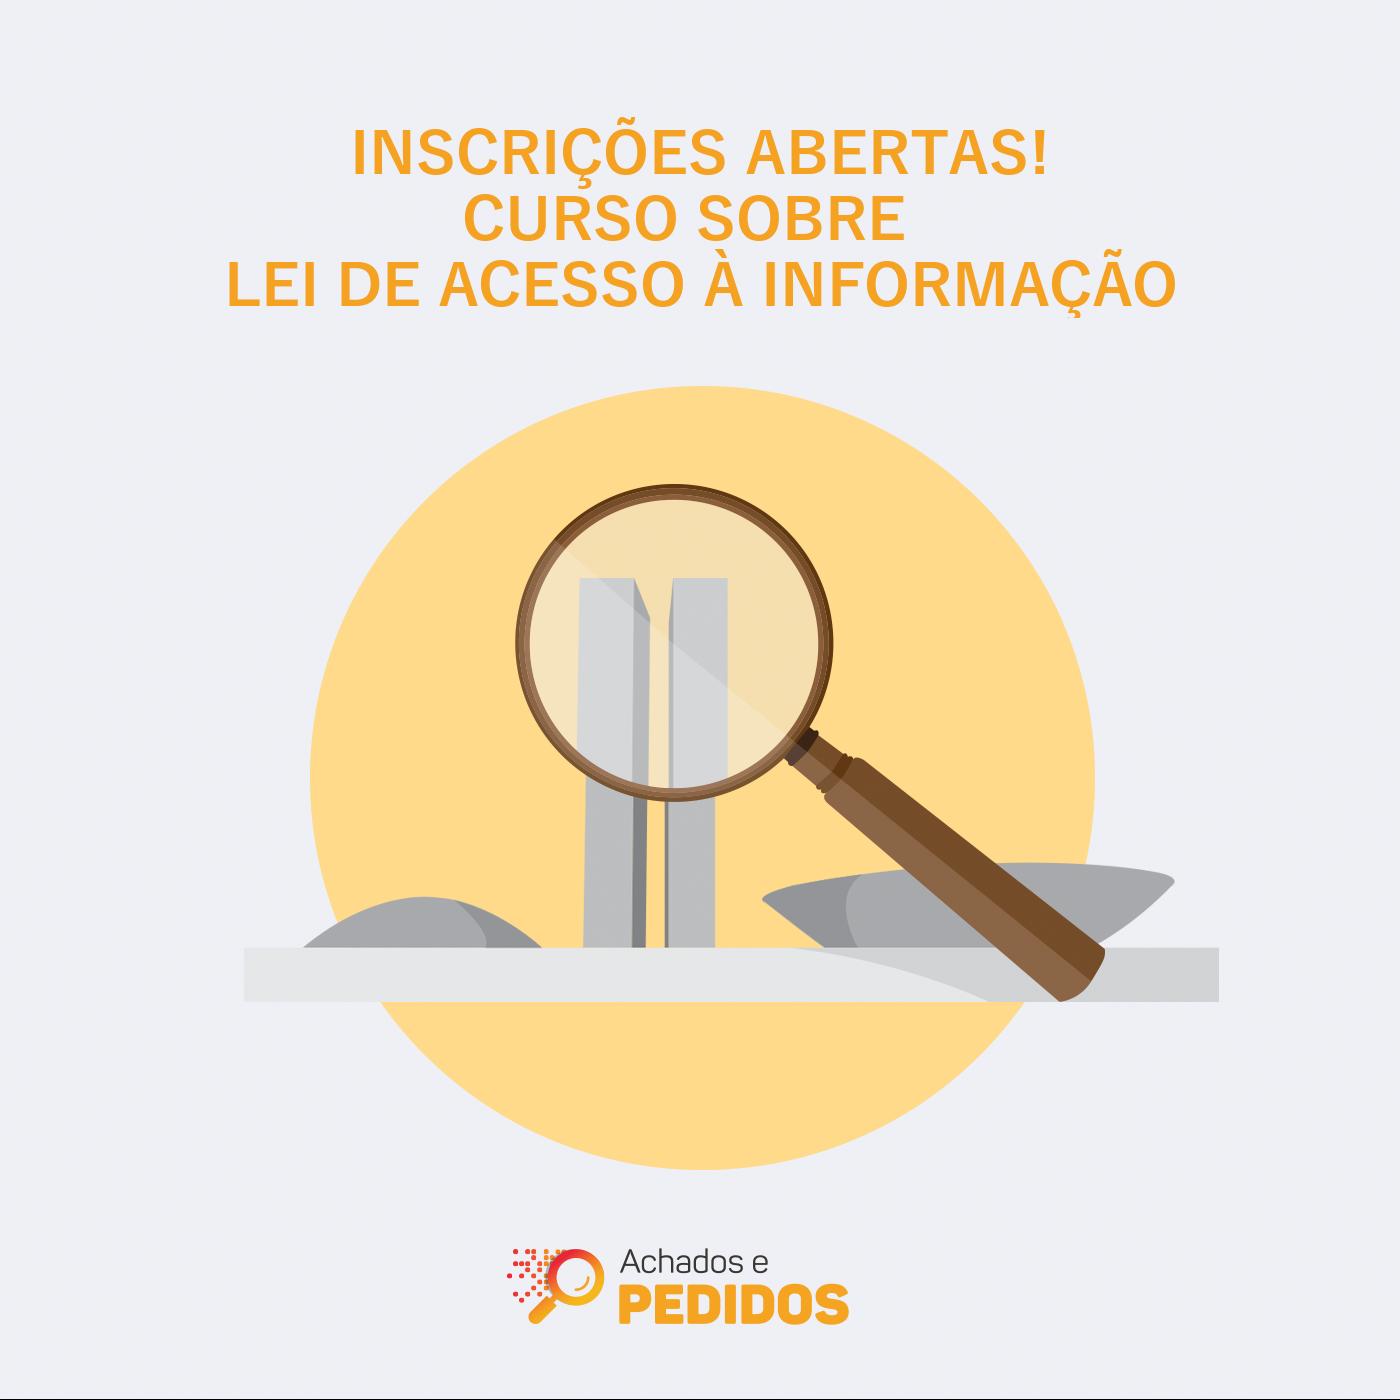 Inscrições abertas para curso on-line sobre Lei de Acesso a Informação